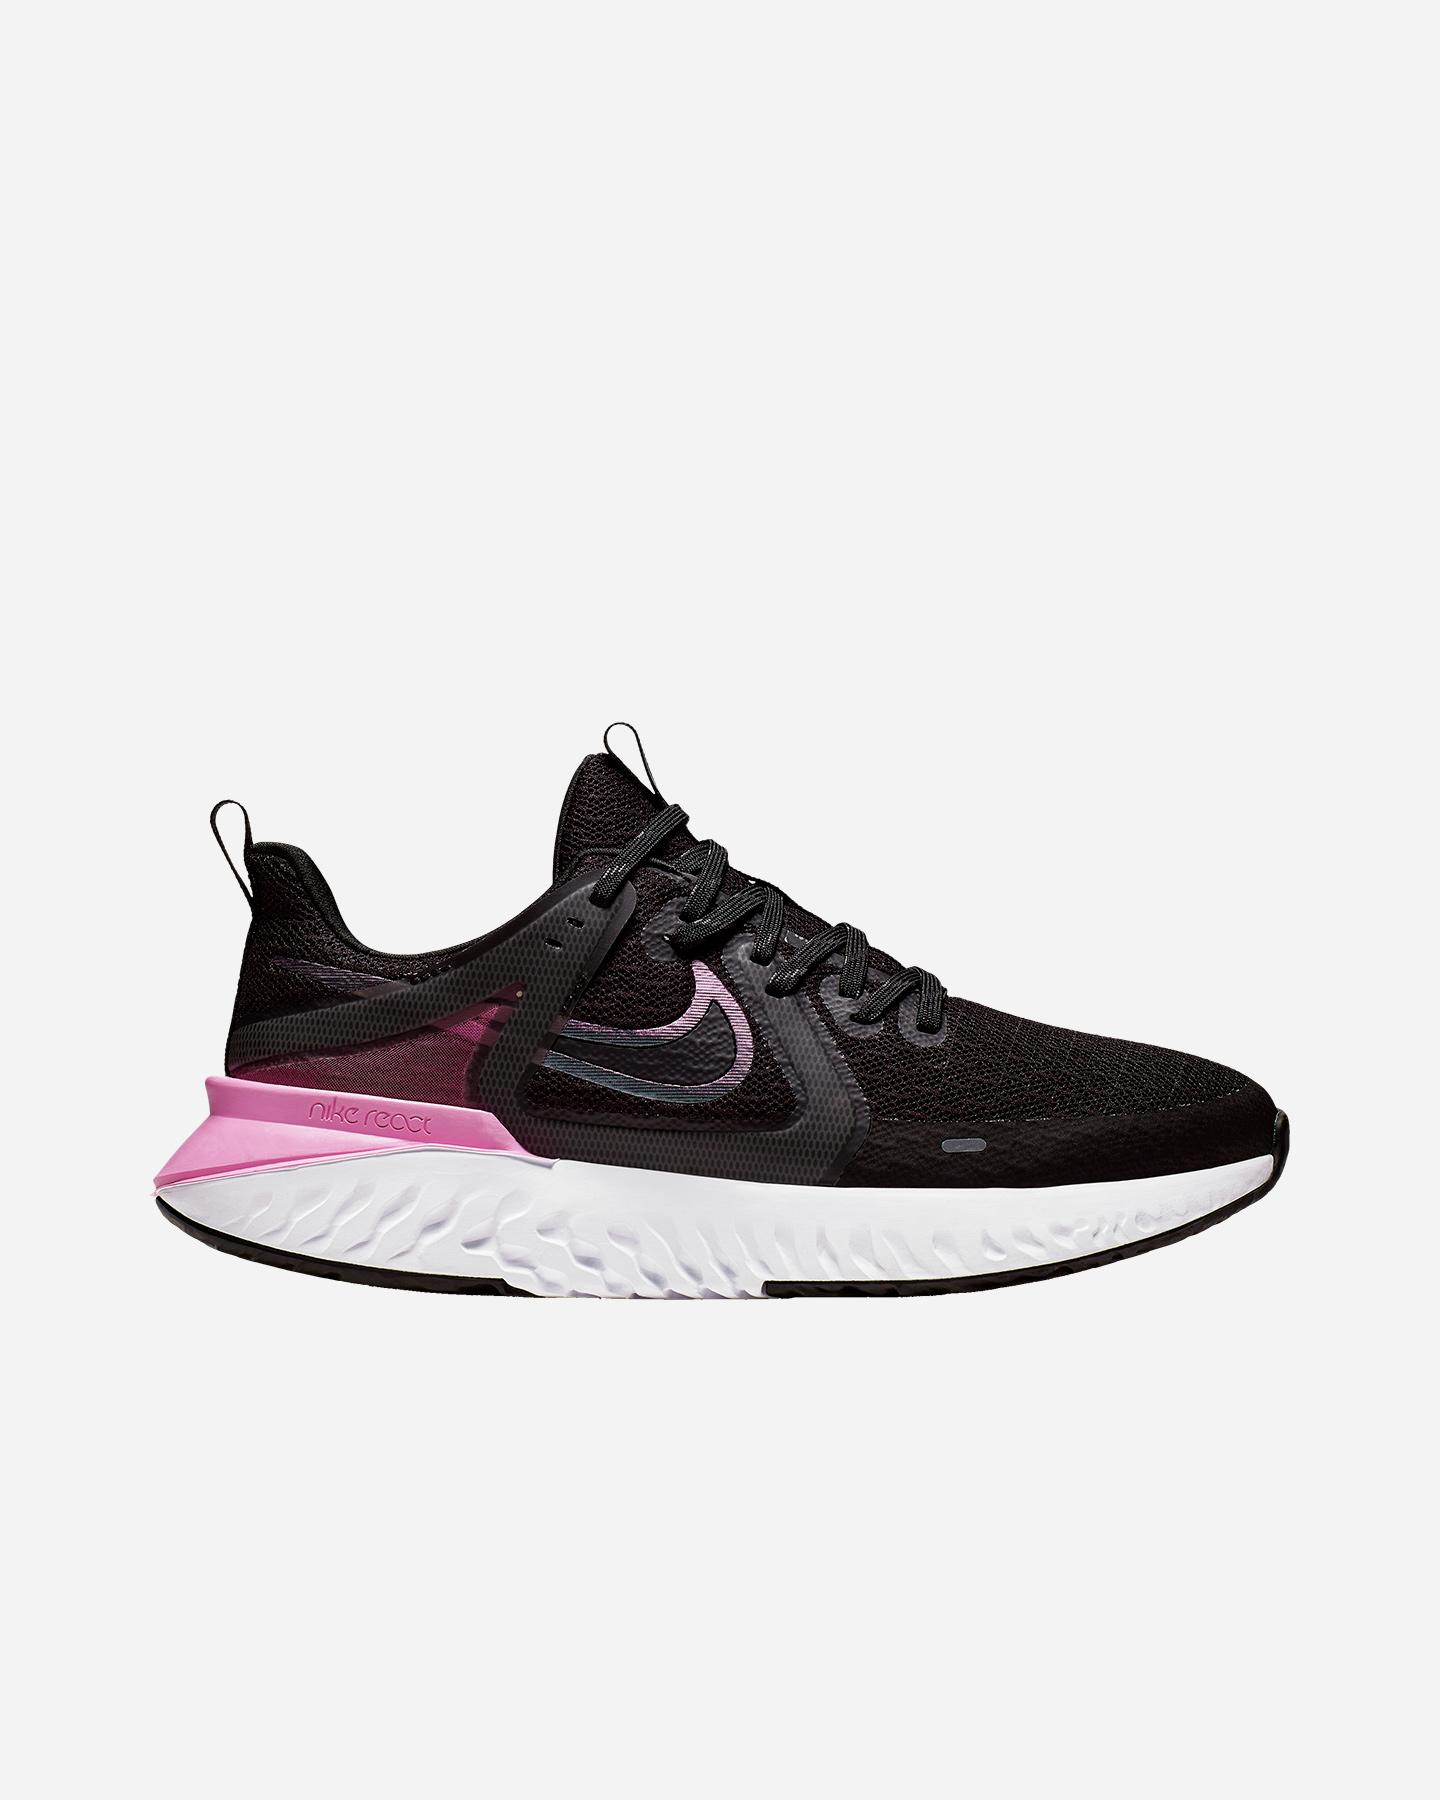 Outlet di scarpe da running Cisalfa Nike economiche